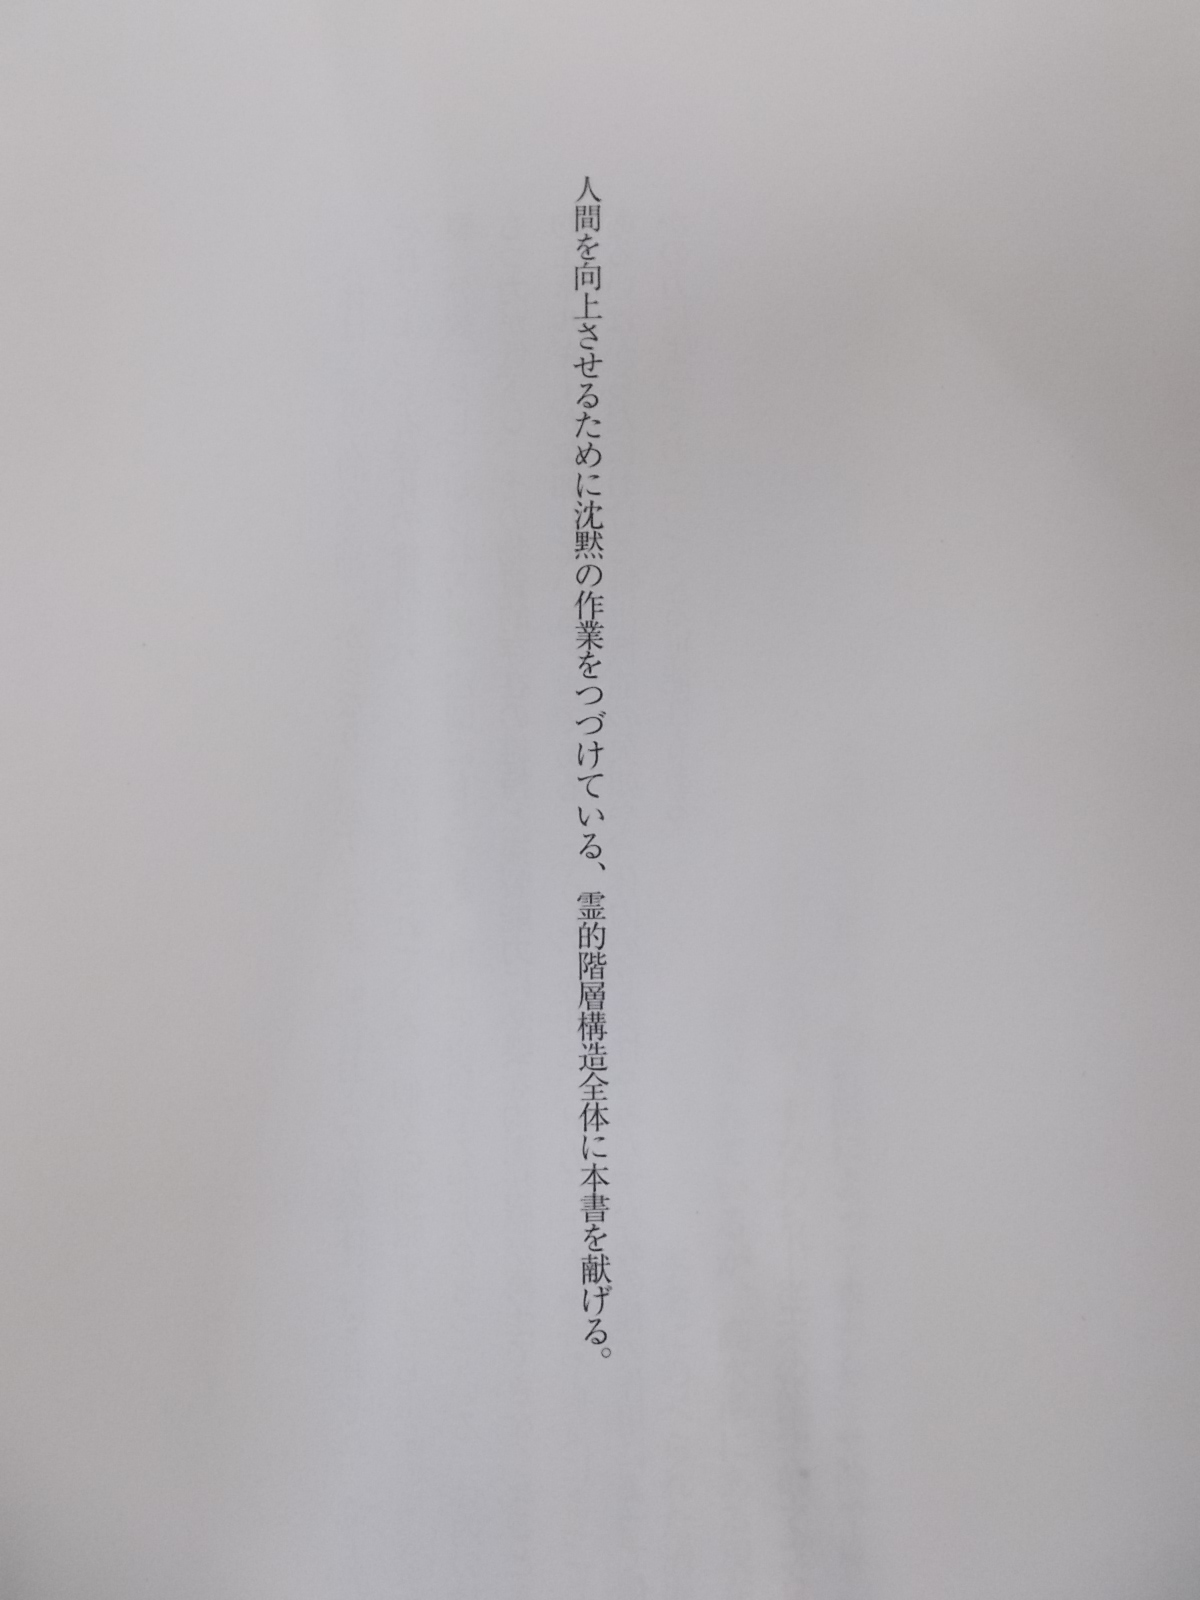 f:id:uta_stream:20201119063306j:plain